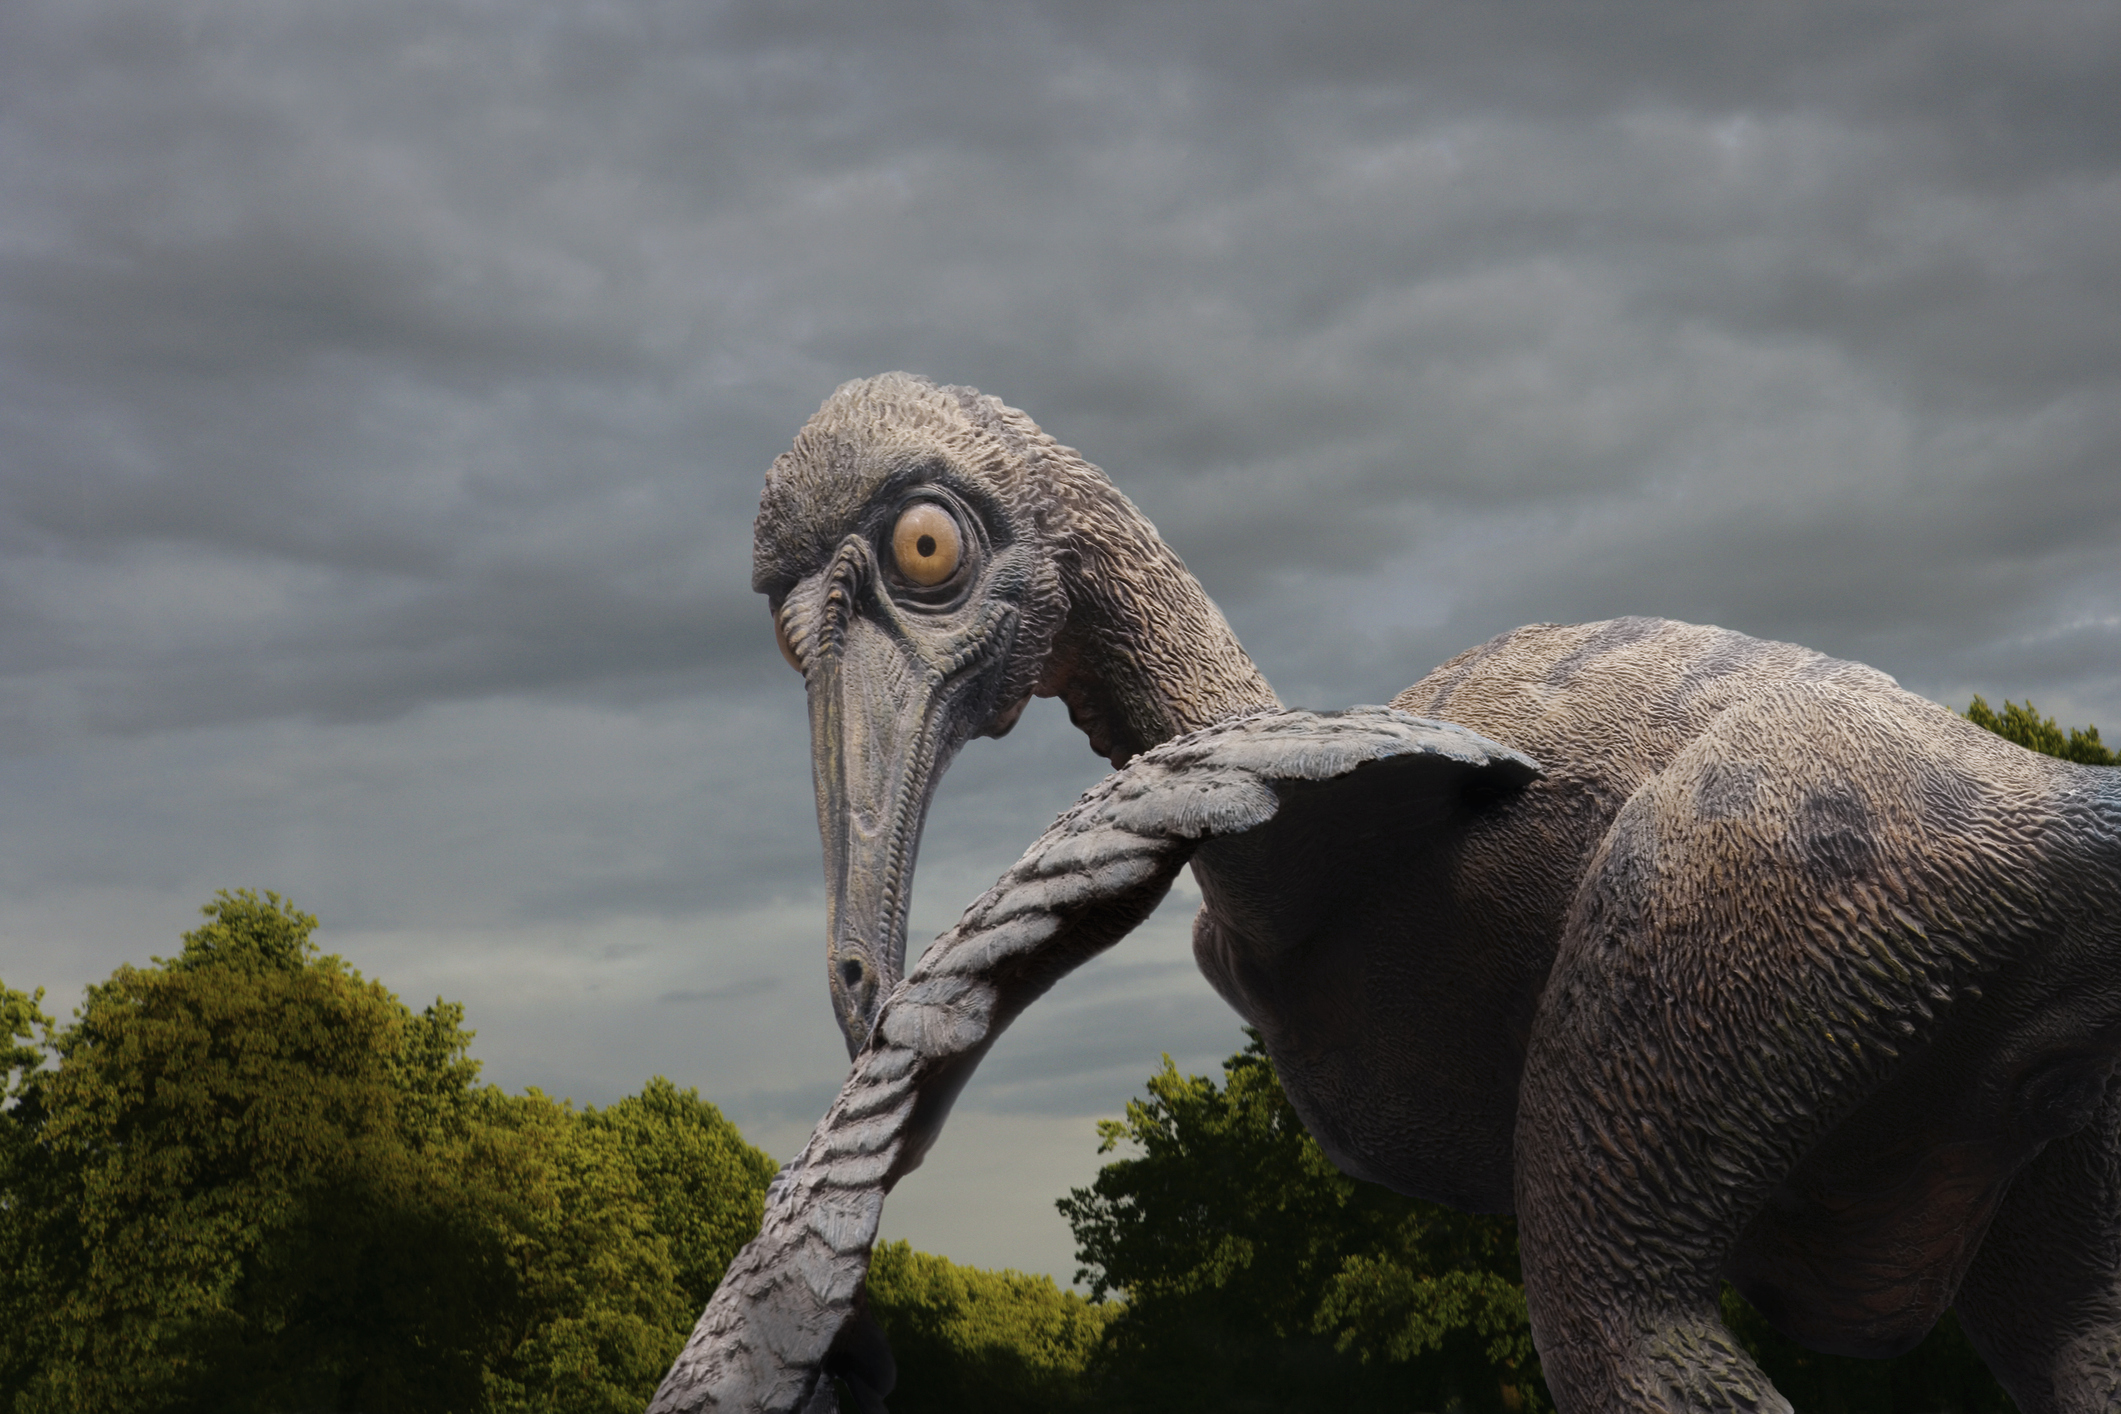 Почти 500 видов птиц вымерли из-за деятельности человека за последние 50 тыс лет - новое исследование.Вокруг Света. Украина